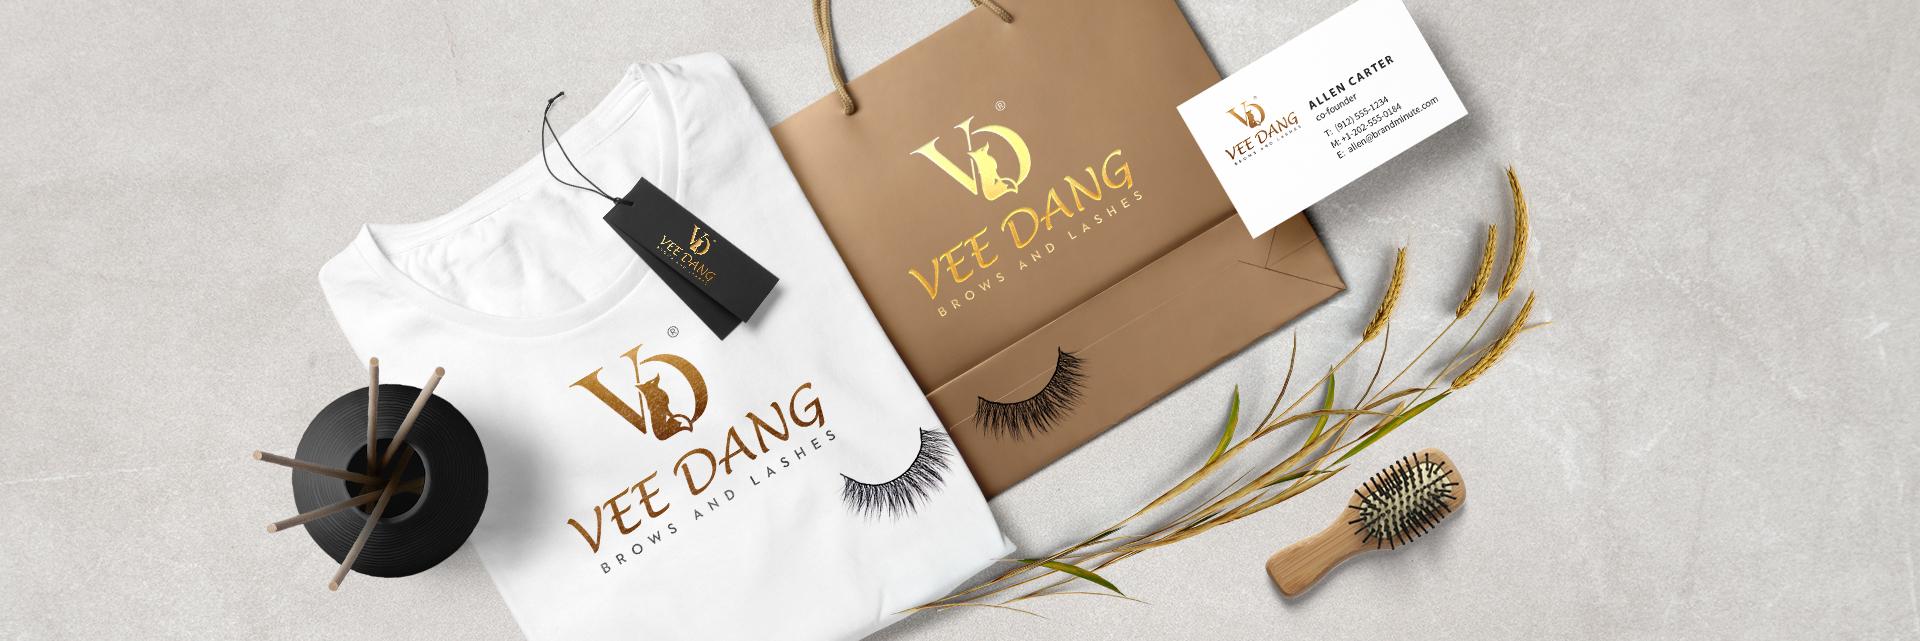 Vee-Dang-Slide-1